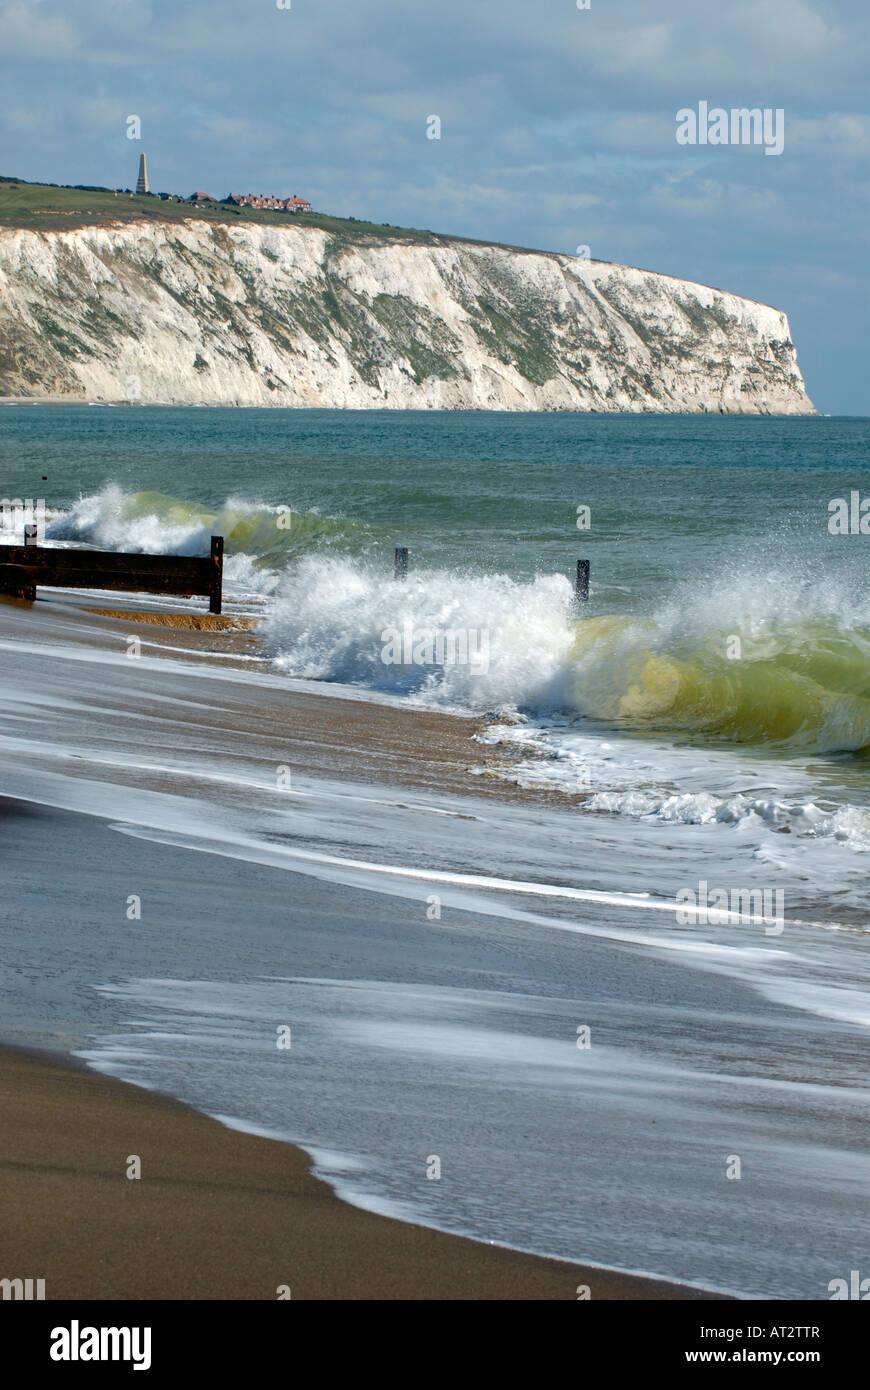 La playa de arena con olas rompiendo sobre los groynes y defensas contra el mar con acantilados en el fondo en sandown Imagen De Stock